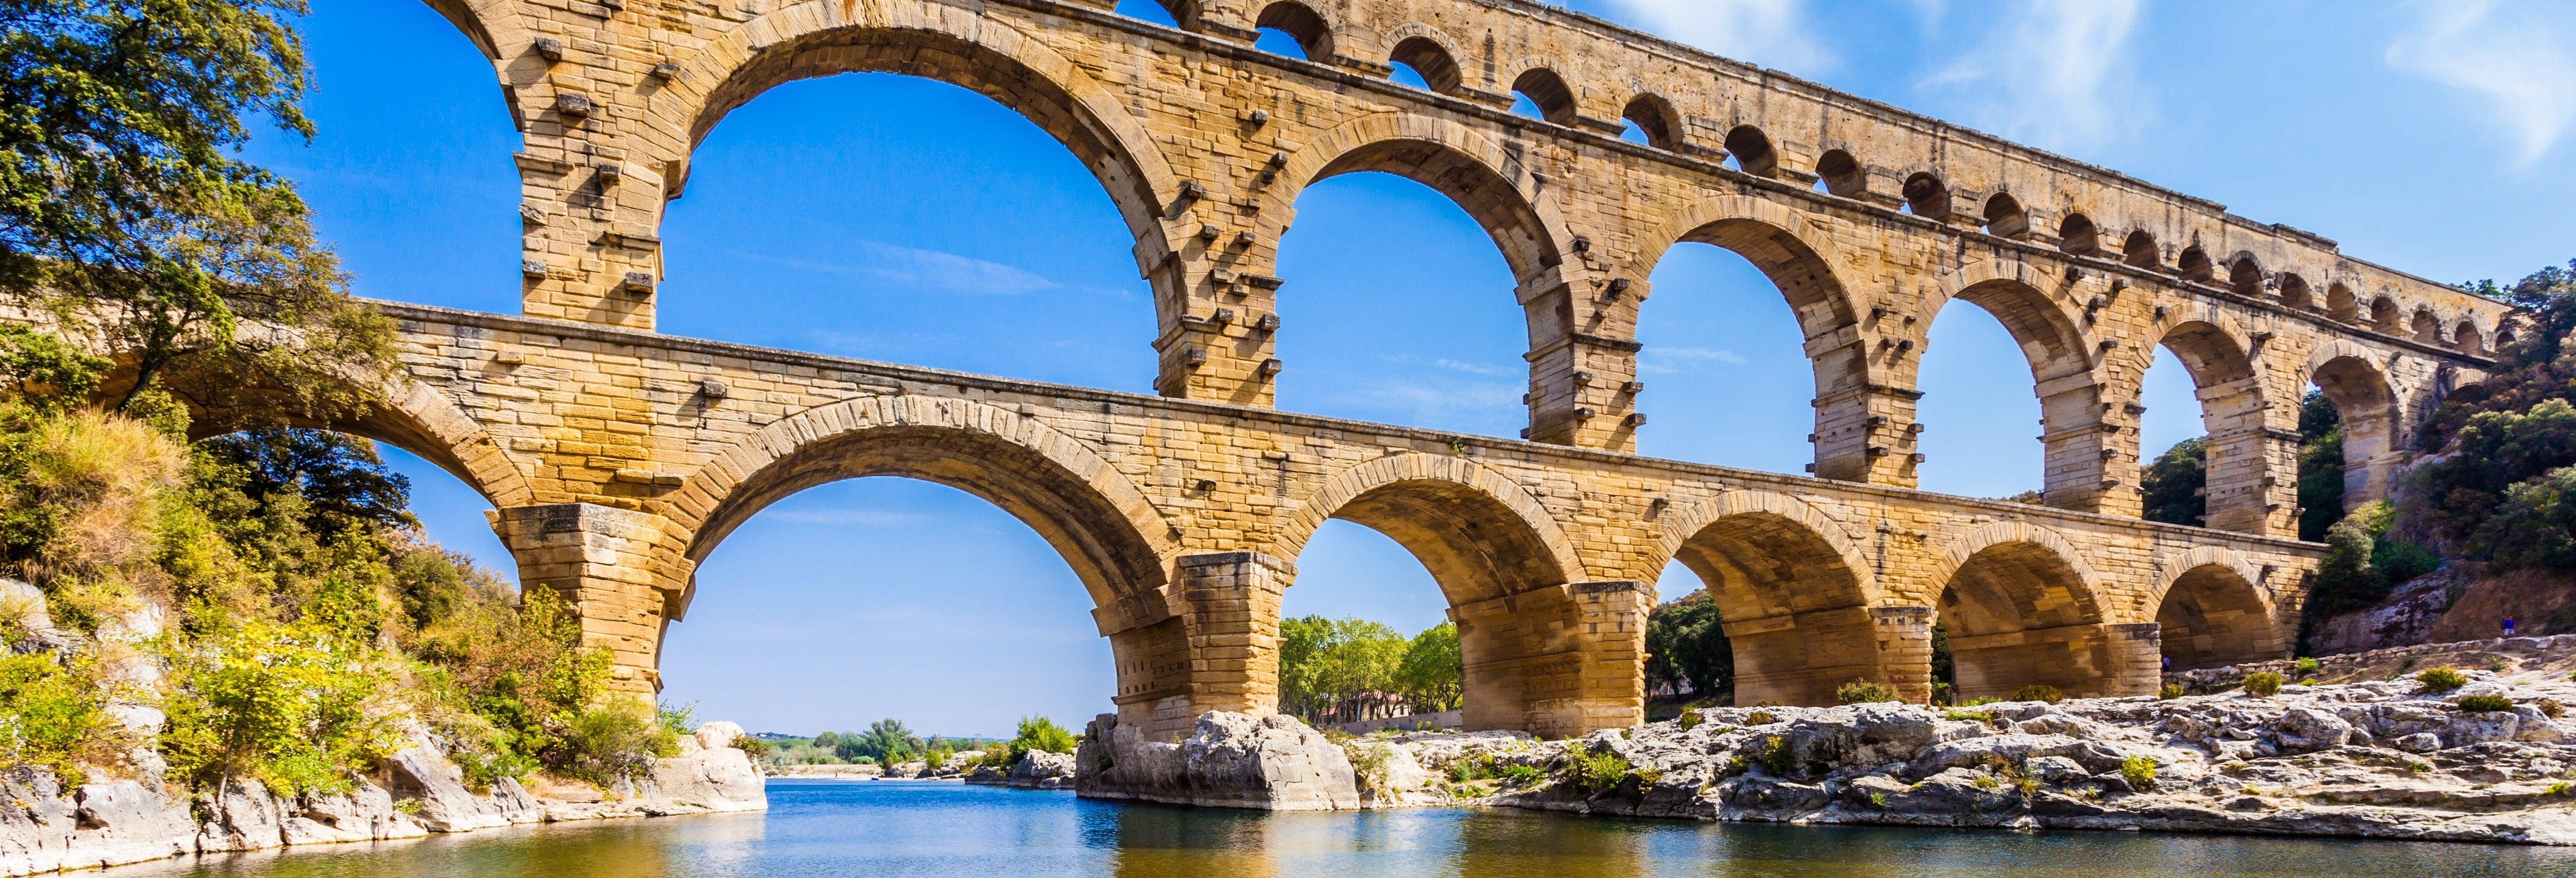 Saint Rémy, Pont du Gard & Les Baux Day Trip